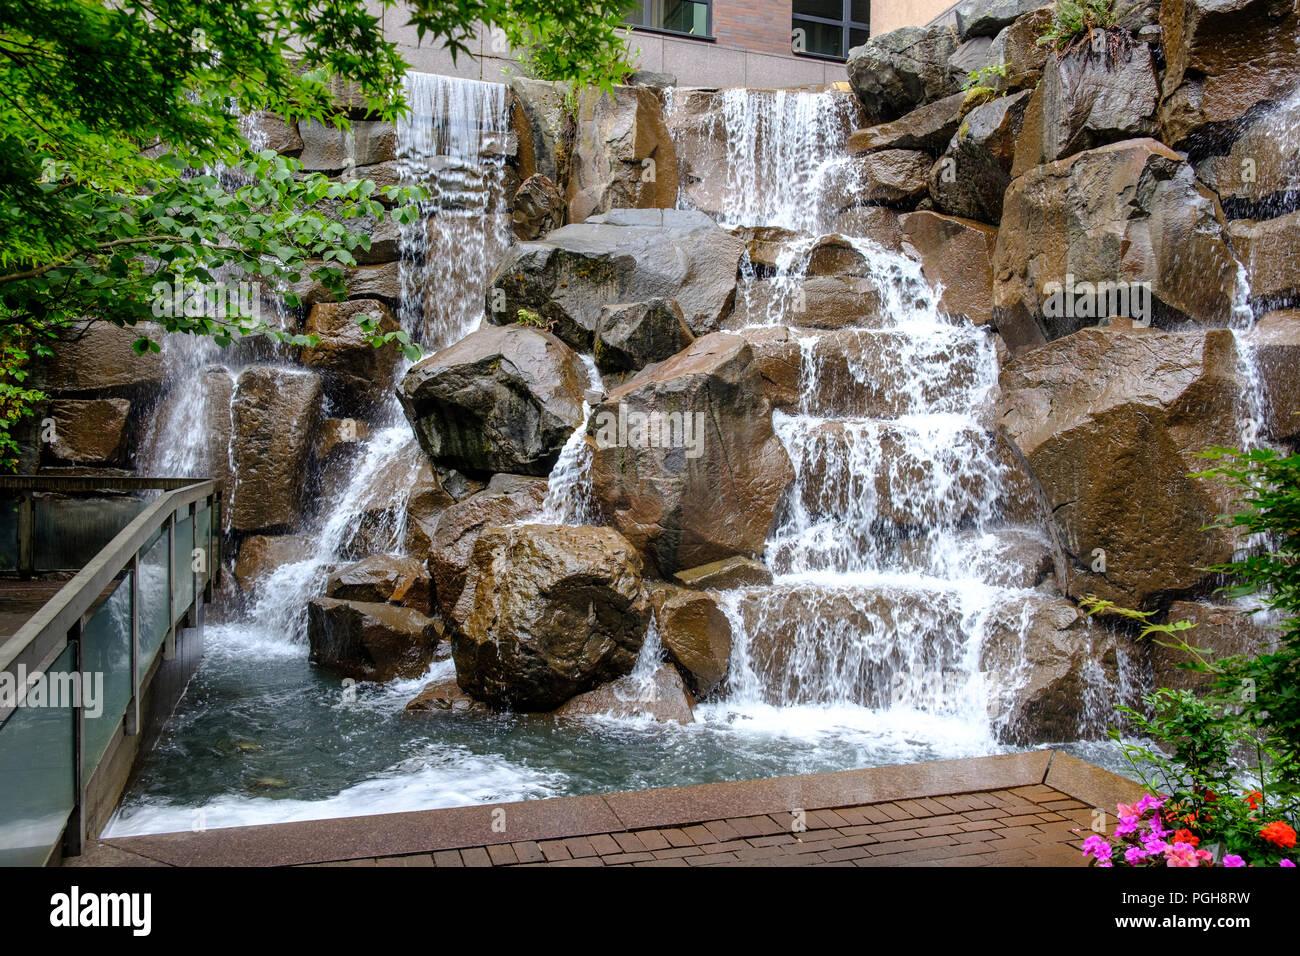 Wasserfall Garten Park Stockfotos Wasserfall Garten Park Bilder